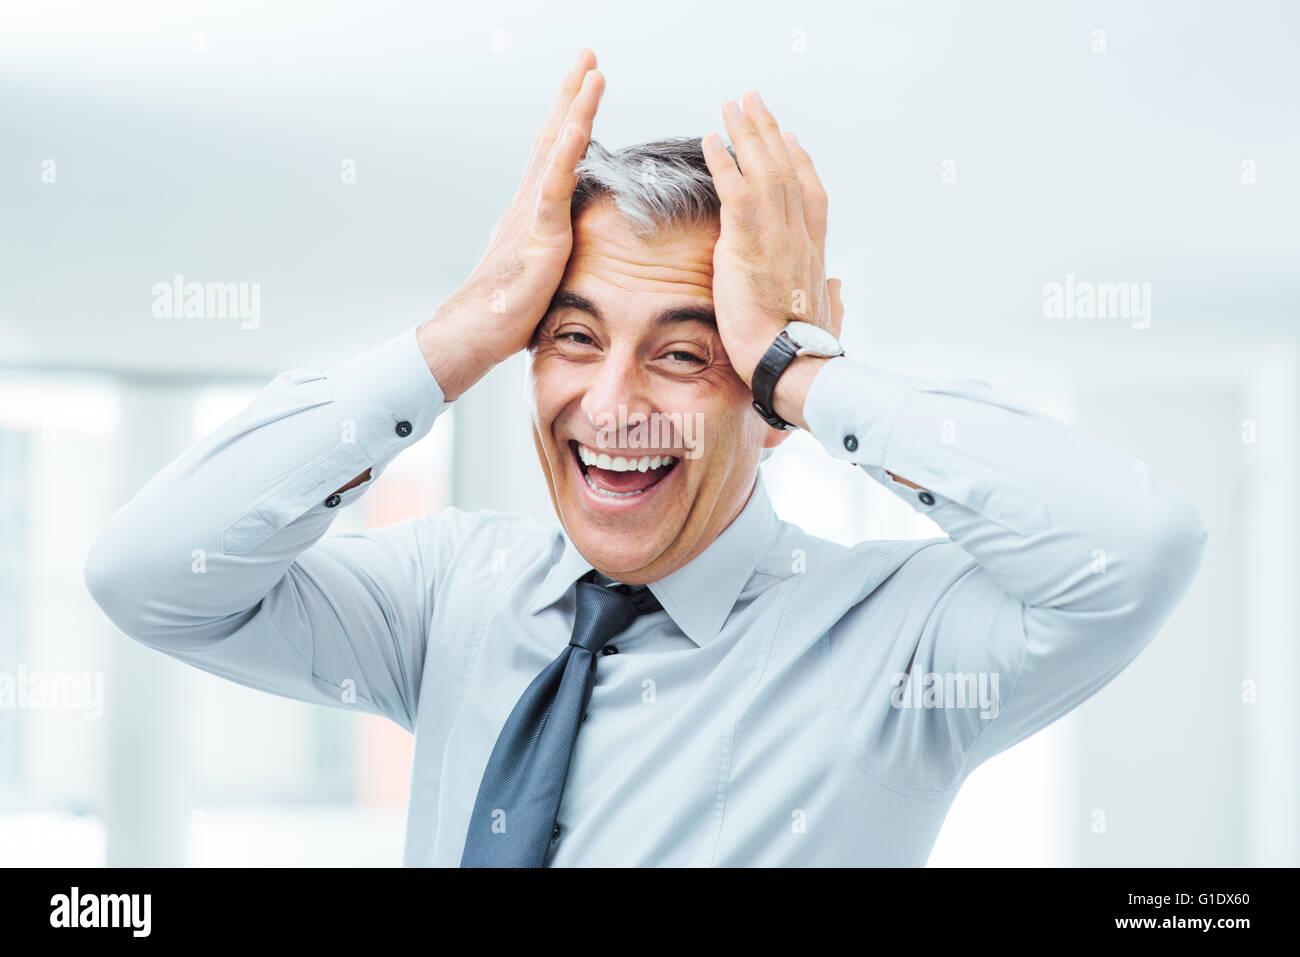 Allegro imprenditore negligente ridendo e toccando il suo fronte Immagini Stock